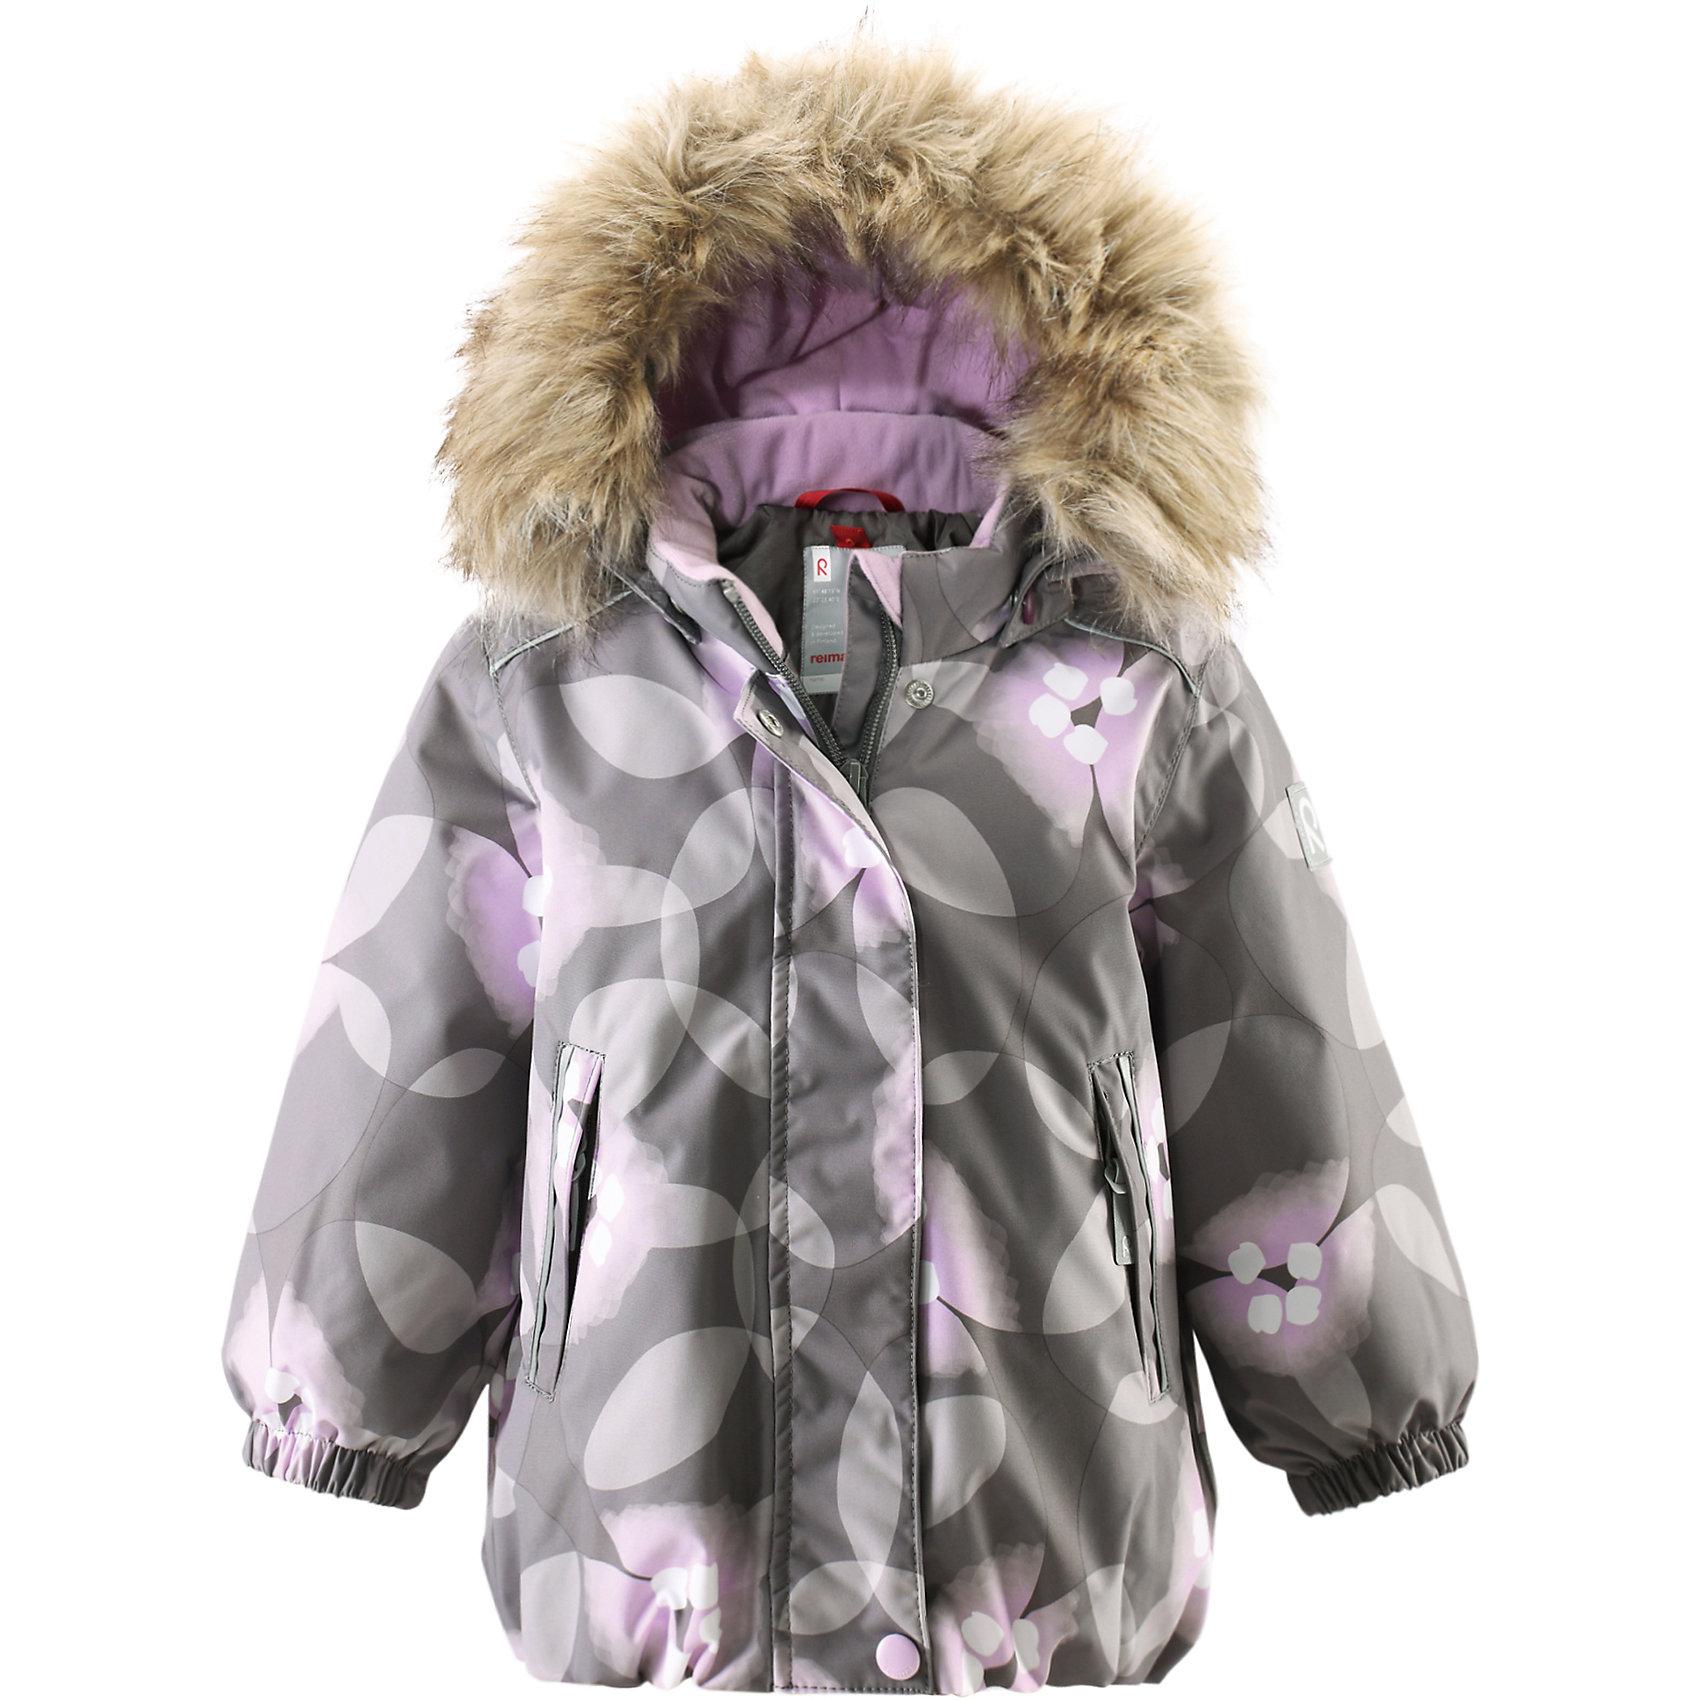 Куртка Muhvi для девочки Reimatec® ReimaКуртка для девочки от финского бренда Reimatec® Reima.<br>Зимняя куртка для малышей. Все швы проклеены и водонепроницаемы. Водо- и ветронепроницаемый, «дышащий» и грязеотталкивающий материал. Крой для девочек. Гладкая подкладка из полиэстра. Безопасный съемный капюшон с отсоединяемой меховой каймой из искусственного меха. Эластичный пояс сзади. Эластичные подол и манжеты. Регулируемый подол. Два кармана на молнии. Принт по всей поверхности. Безопасные светоотражающие детали.<br>Рекомендация по уходу:<br>Стирать по отдельности, вывернув наизнанку. Перед стиркой отстегните искусственный мех. Застегнуть молнии и липучки. Стирать моющим средством, не содержащим отбеливающие вещества. Полоскать без специального средства. Во избежание изменения цвета изделие необходимо вынуть из стиральной машинки незамедлительно после окончания программы стирки. Можно сушить в сушильном шкафу или центрифуге (макс. 40° C).<br>Состав:<br>100% ПЭ, ПУ-покрытие<br>Вес утеплителя:160 g<br><br>Ширина мм: 356<br>Глубина мм: 10<br>Высота мм: 245<br>Вес г: 519<br>Цвет: серый<br>Возраст от месяцев: 6<br>Возраст до месяцев: 9<br>Пол: Женский<br>Возраст: Детский<br>Размер: 74,98,92,86,80<br>SKU: 5086971